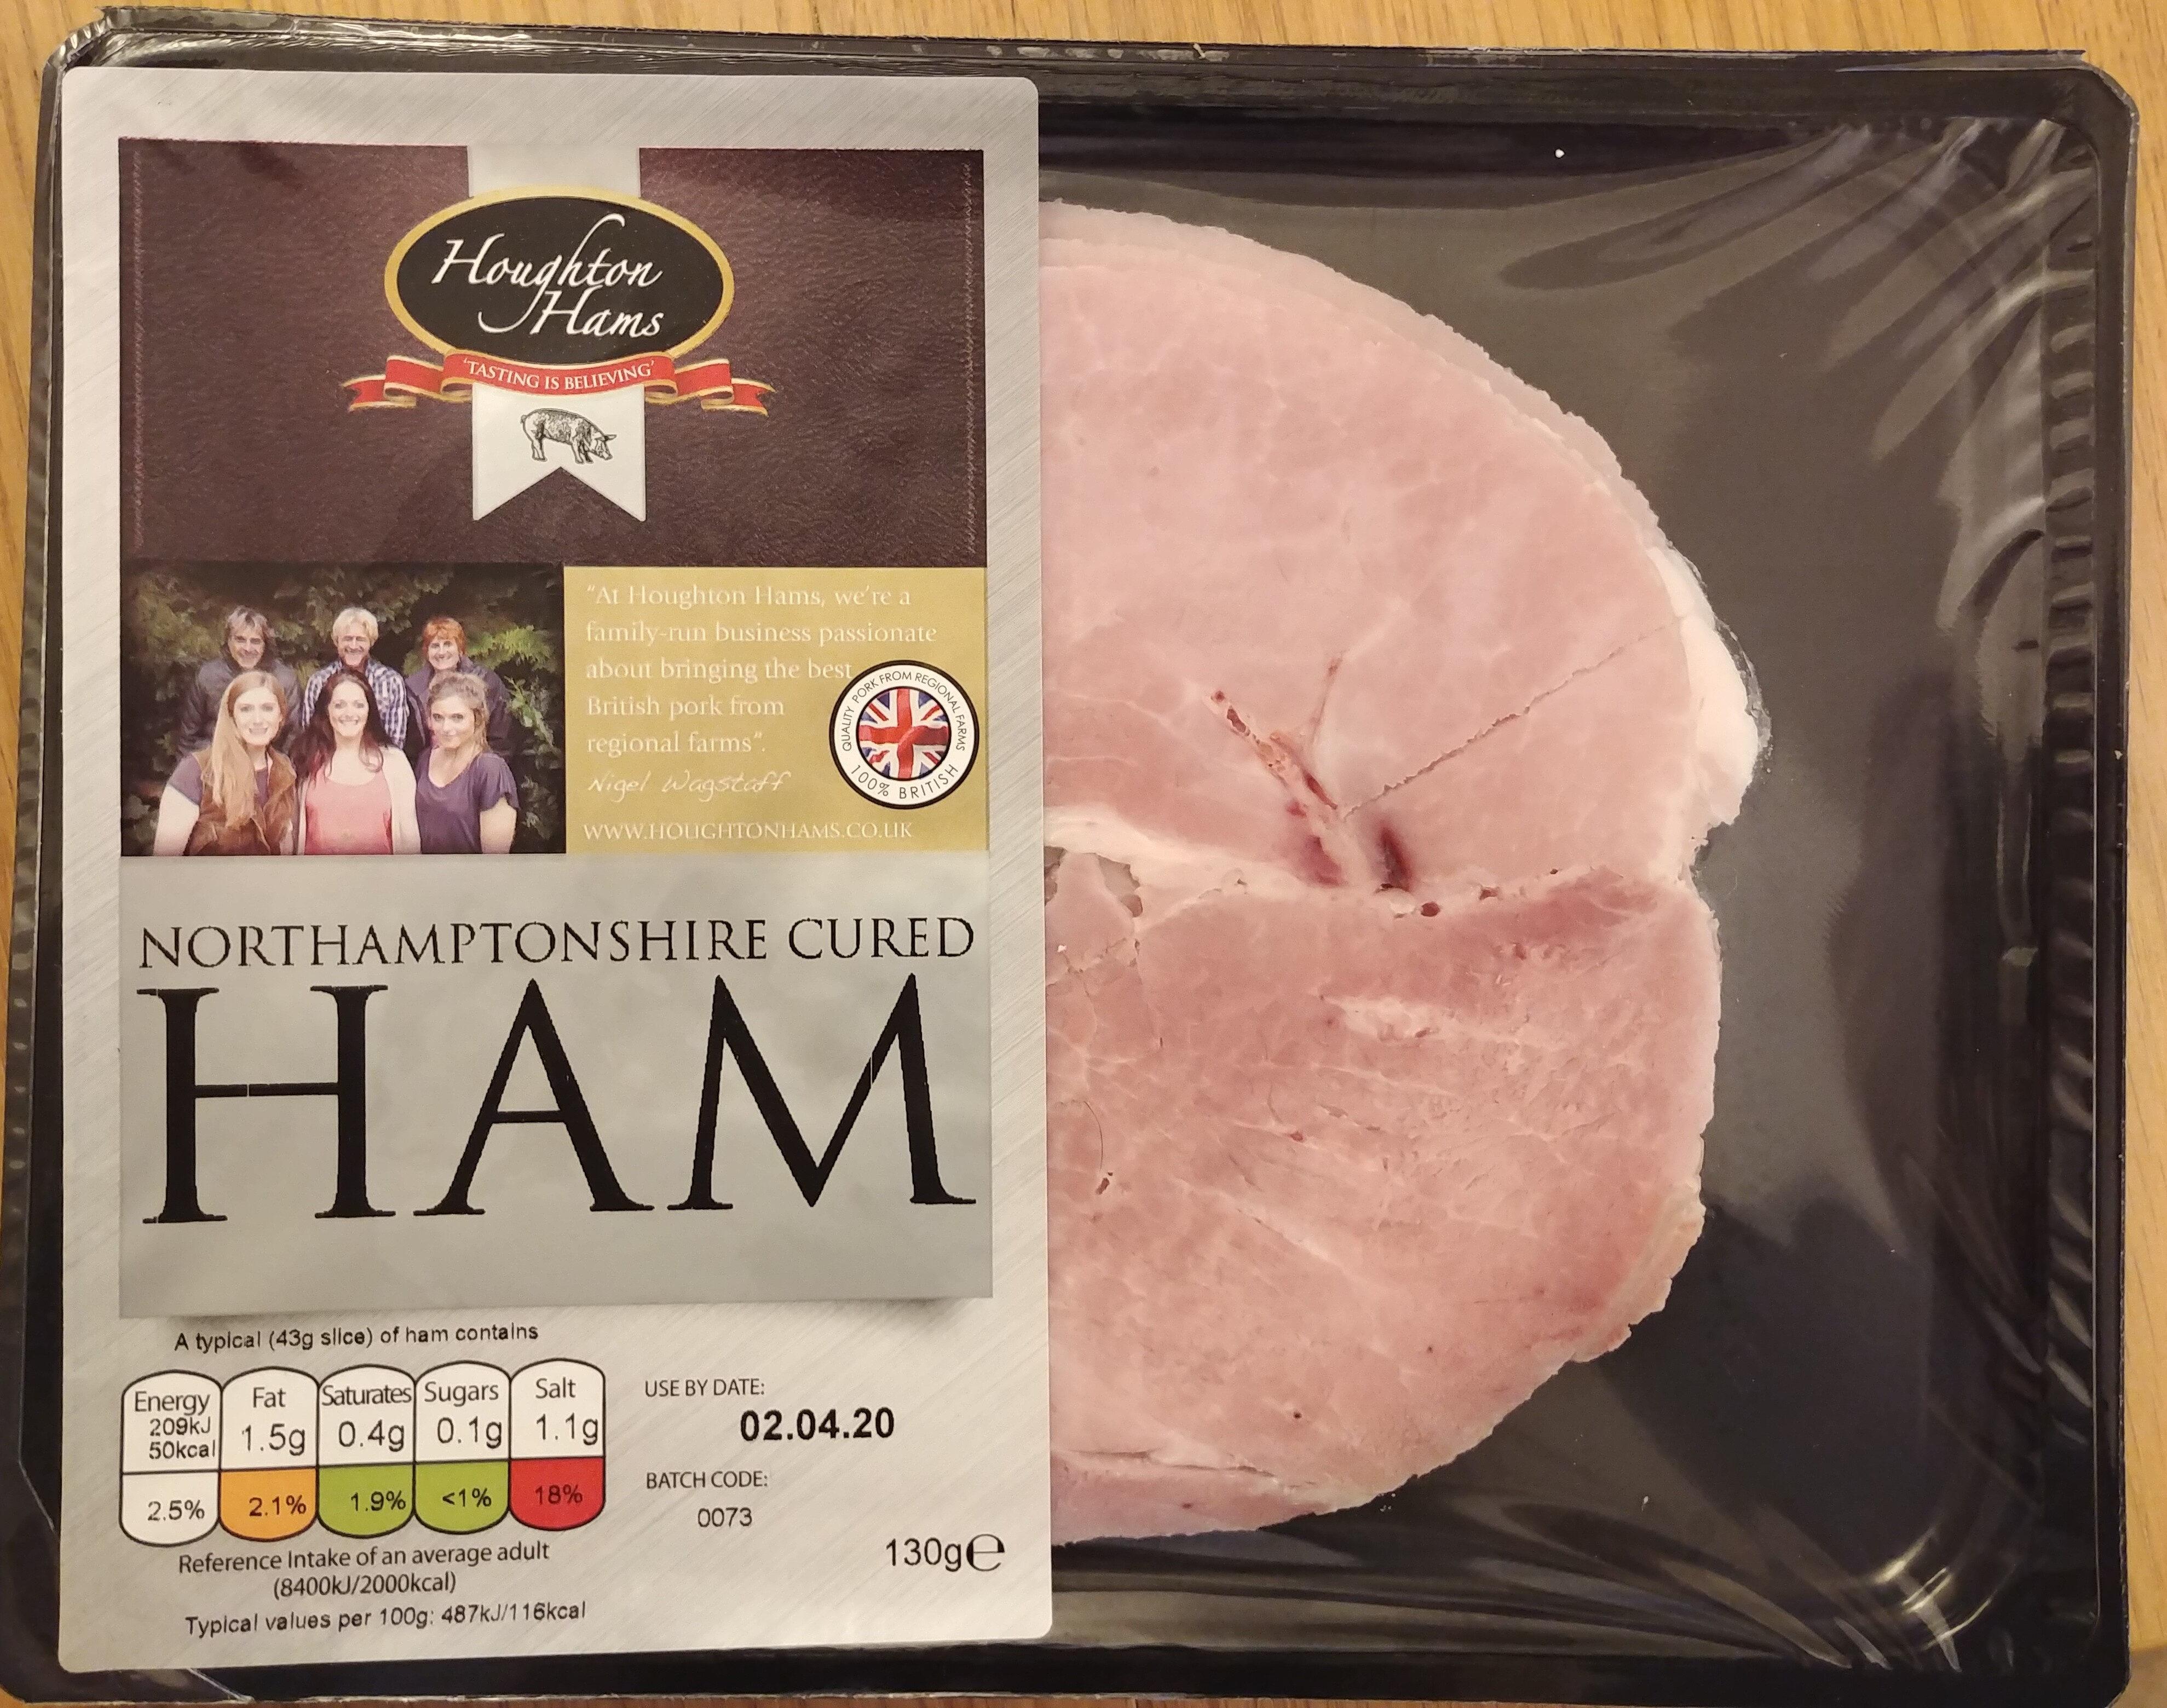 Northamptonshire Cured Ham - Produit - en